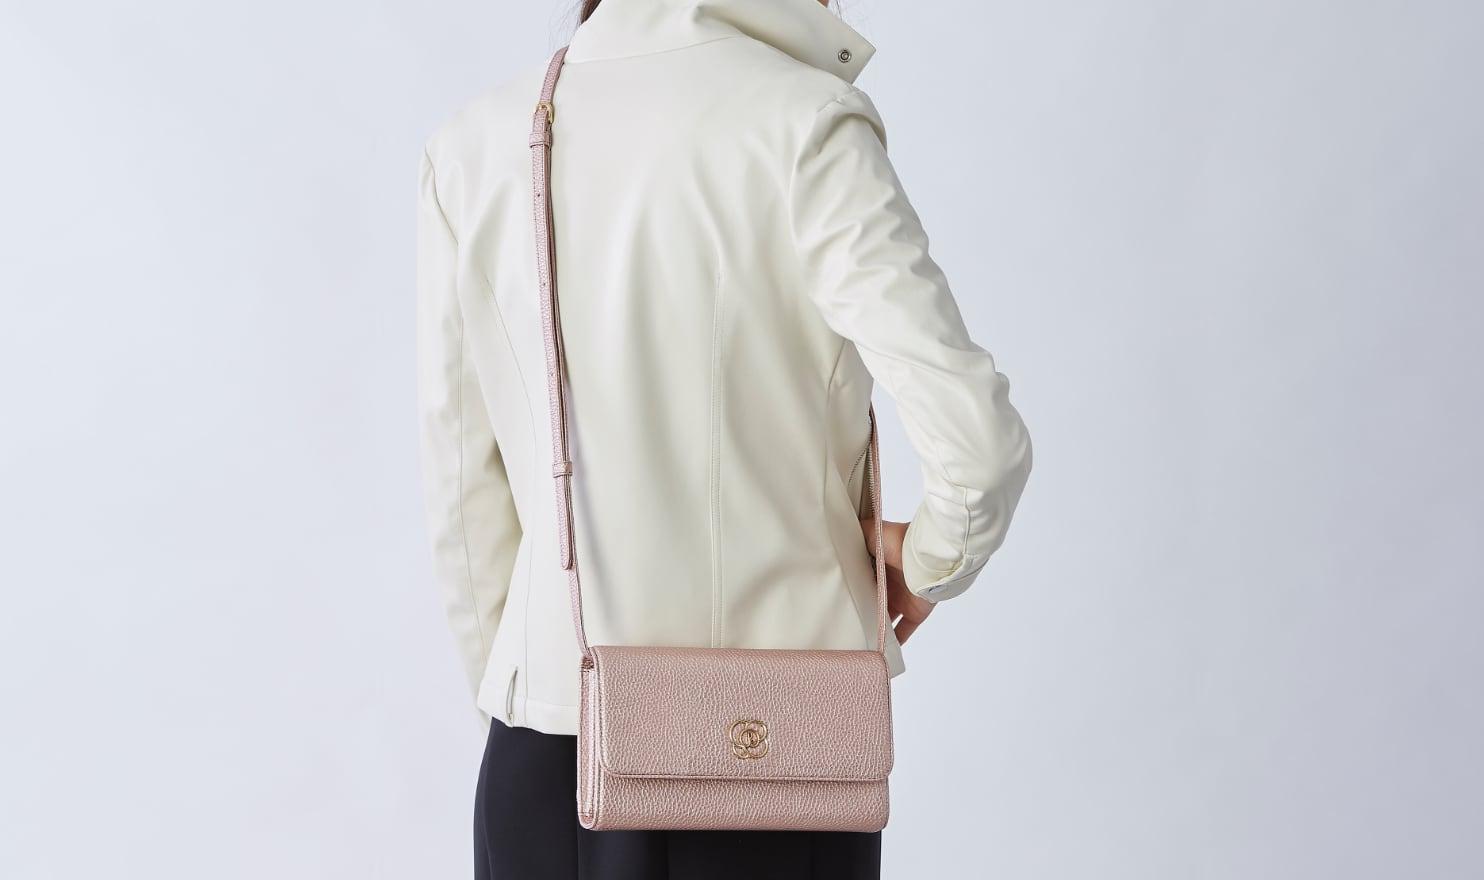 29_Pocket_Wallet_Bag_Shoulder_Strap.jpg